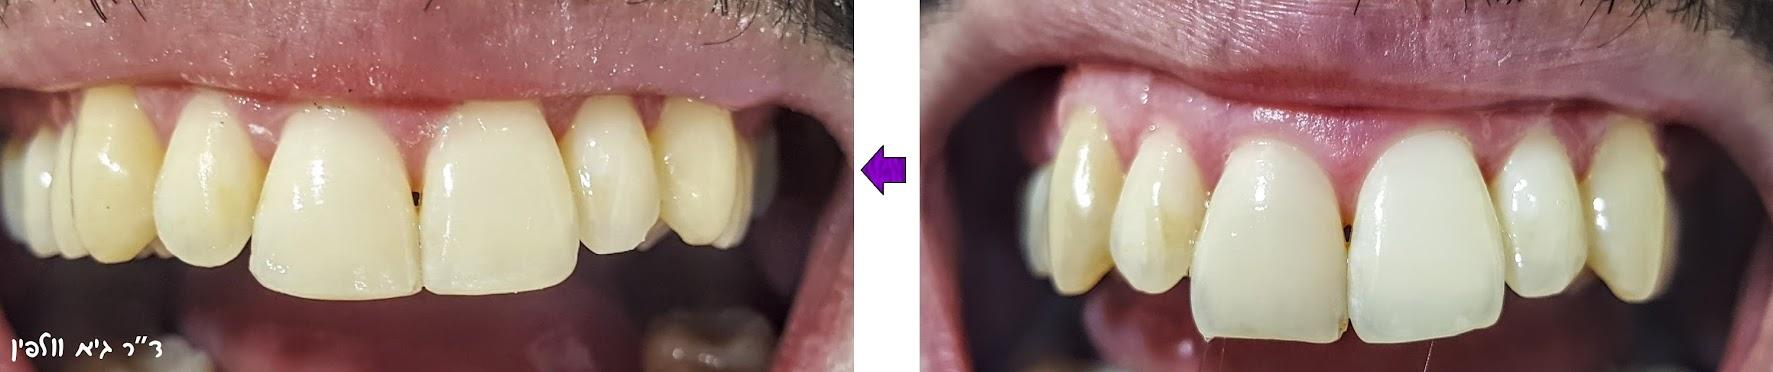 שיני ארנבת, שיניים בולטות, ניבים ערפד - אסתטיק דנטלית, ד''ר גיא וולפין